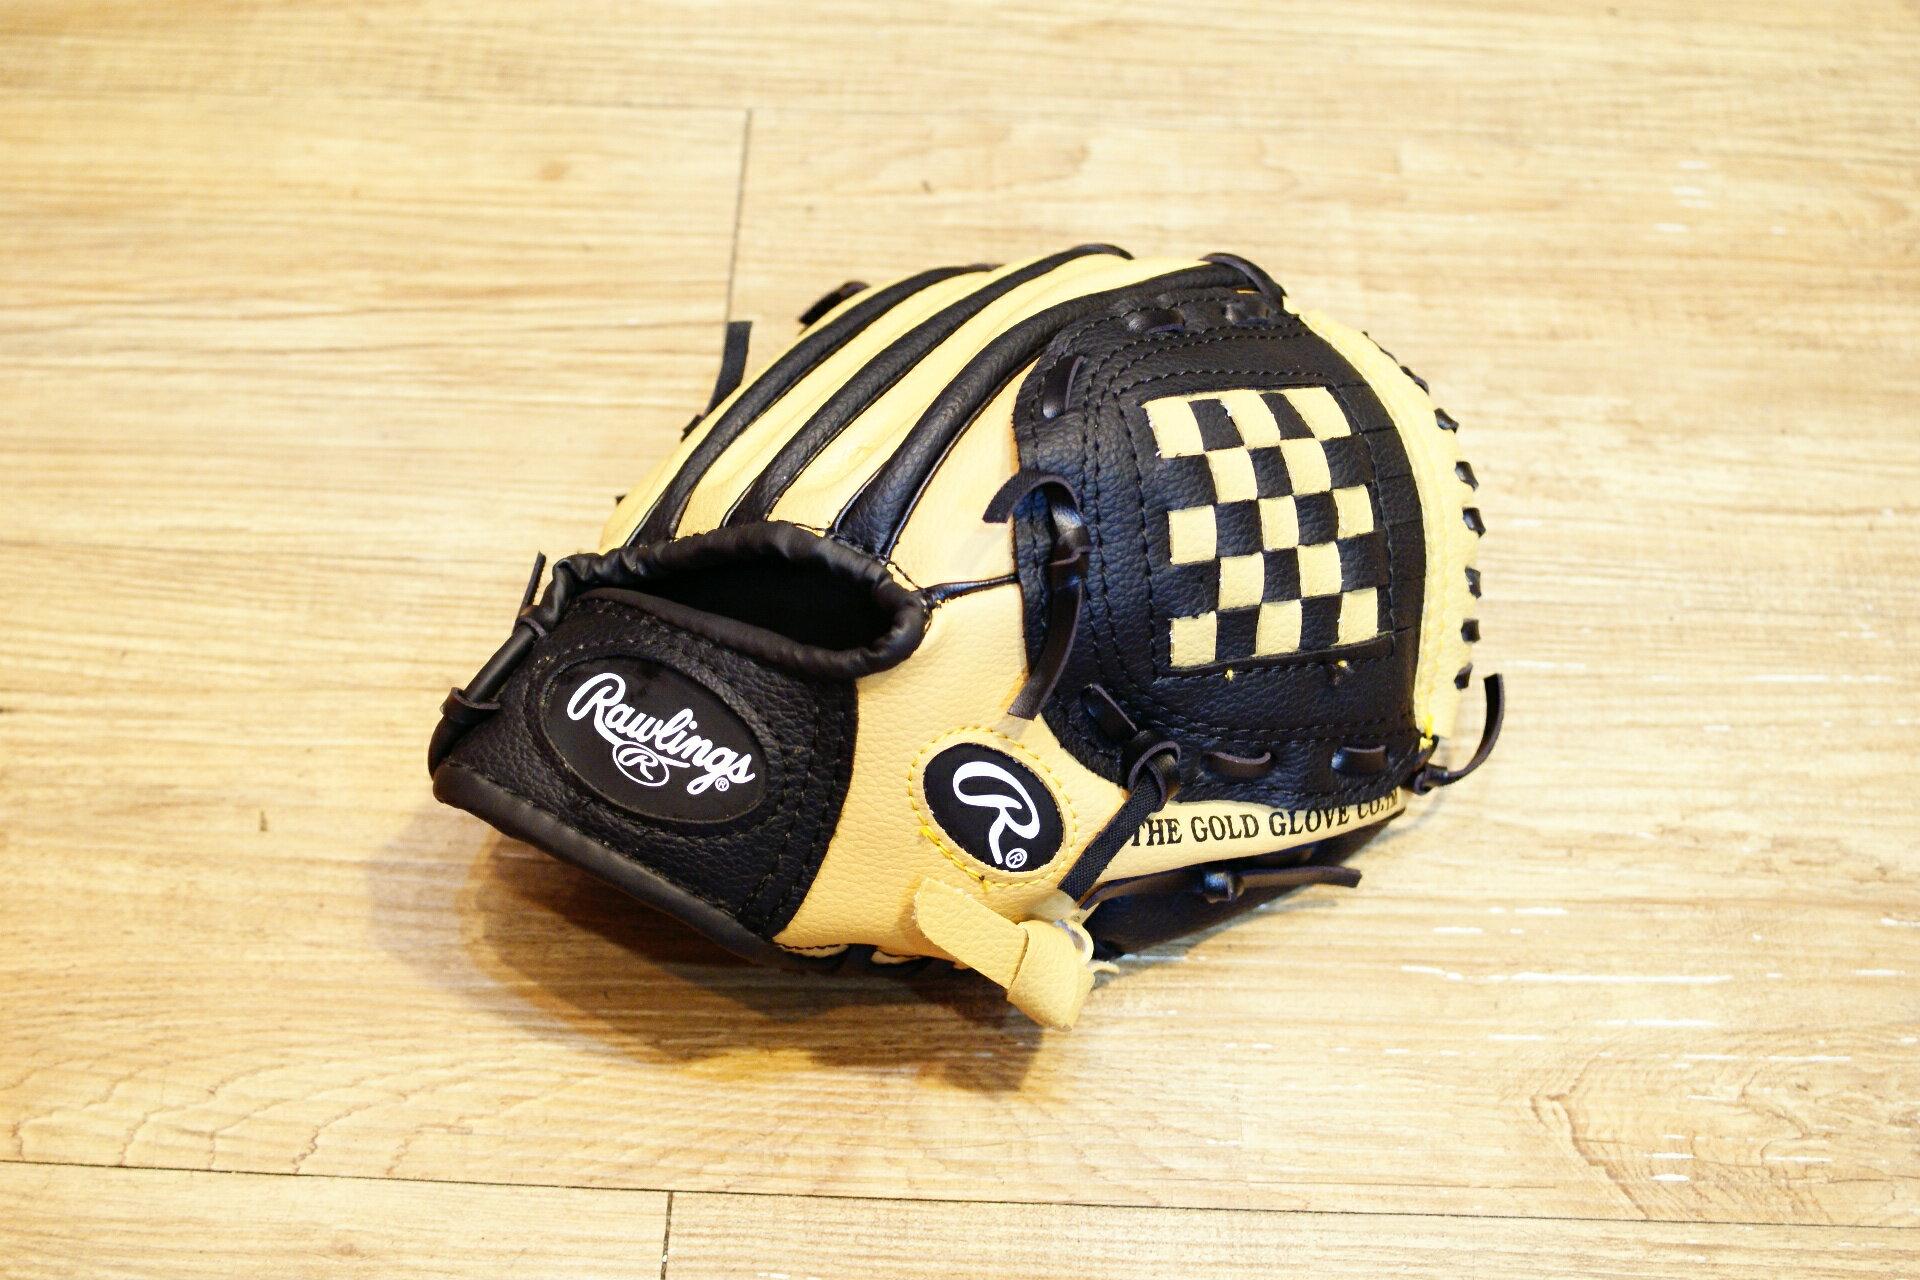 〈棒球世界〉全新Rawlings 國小用手套 特價 新亮販 黑棕配色